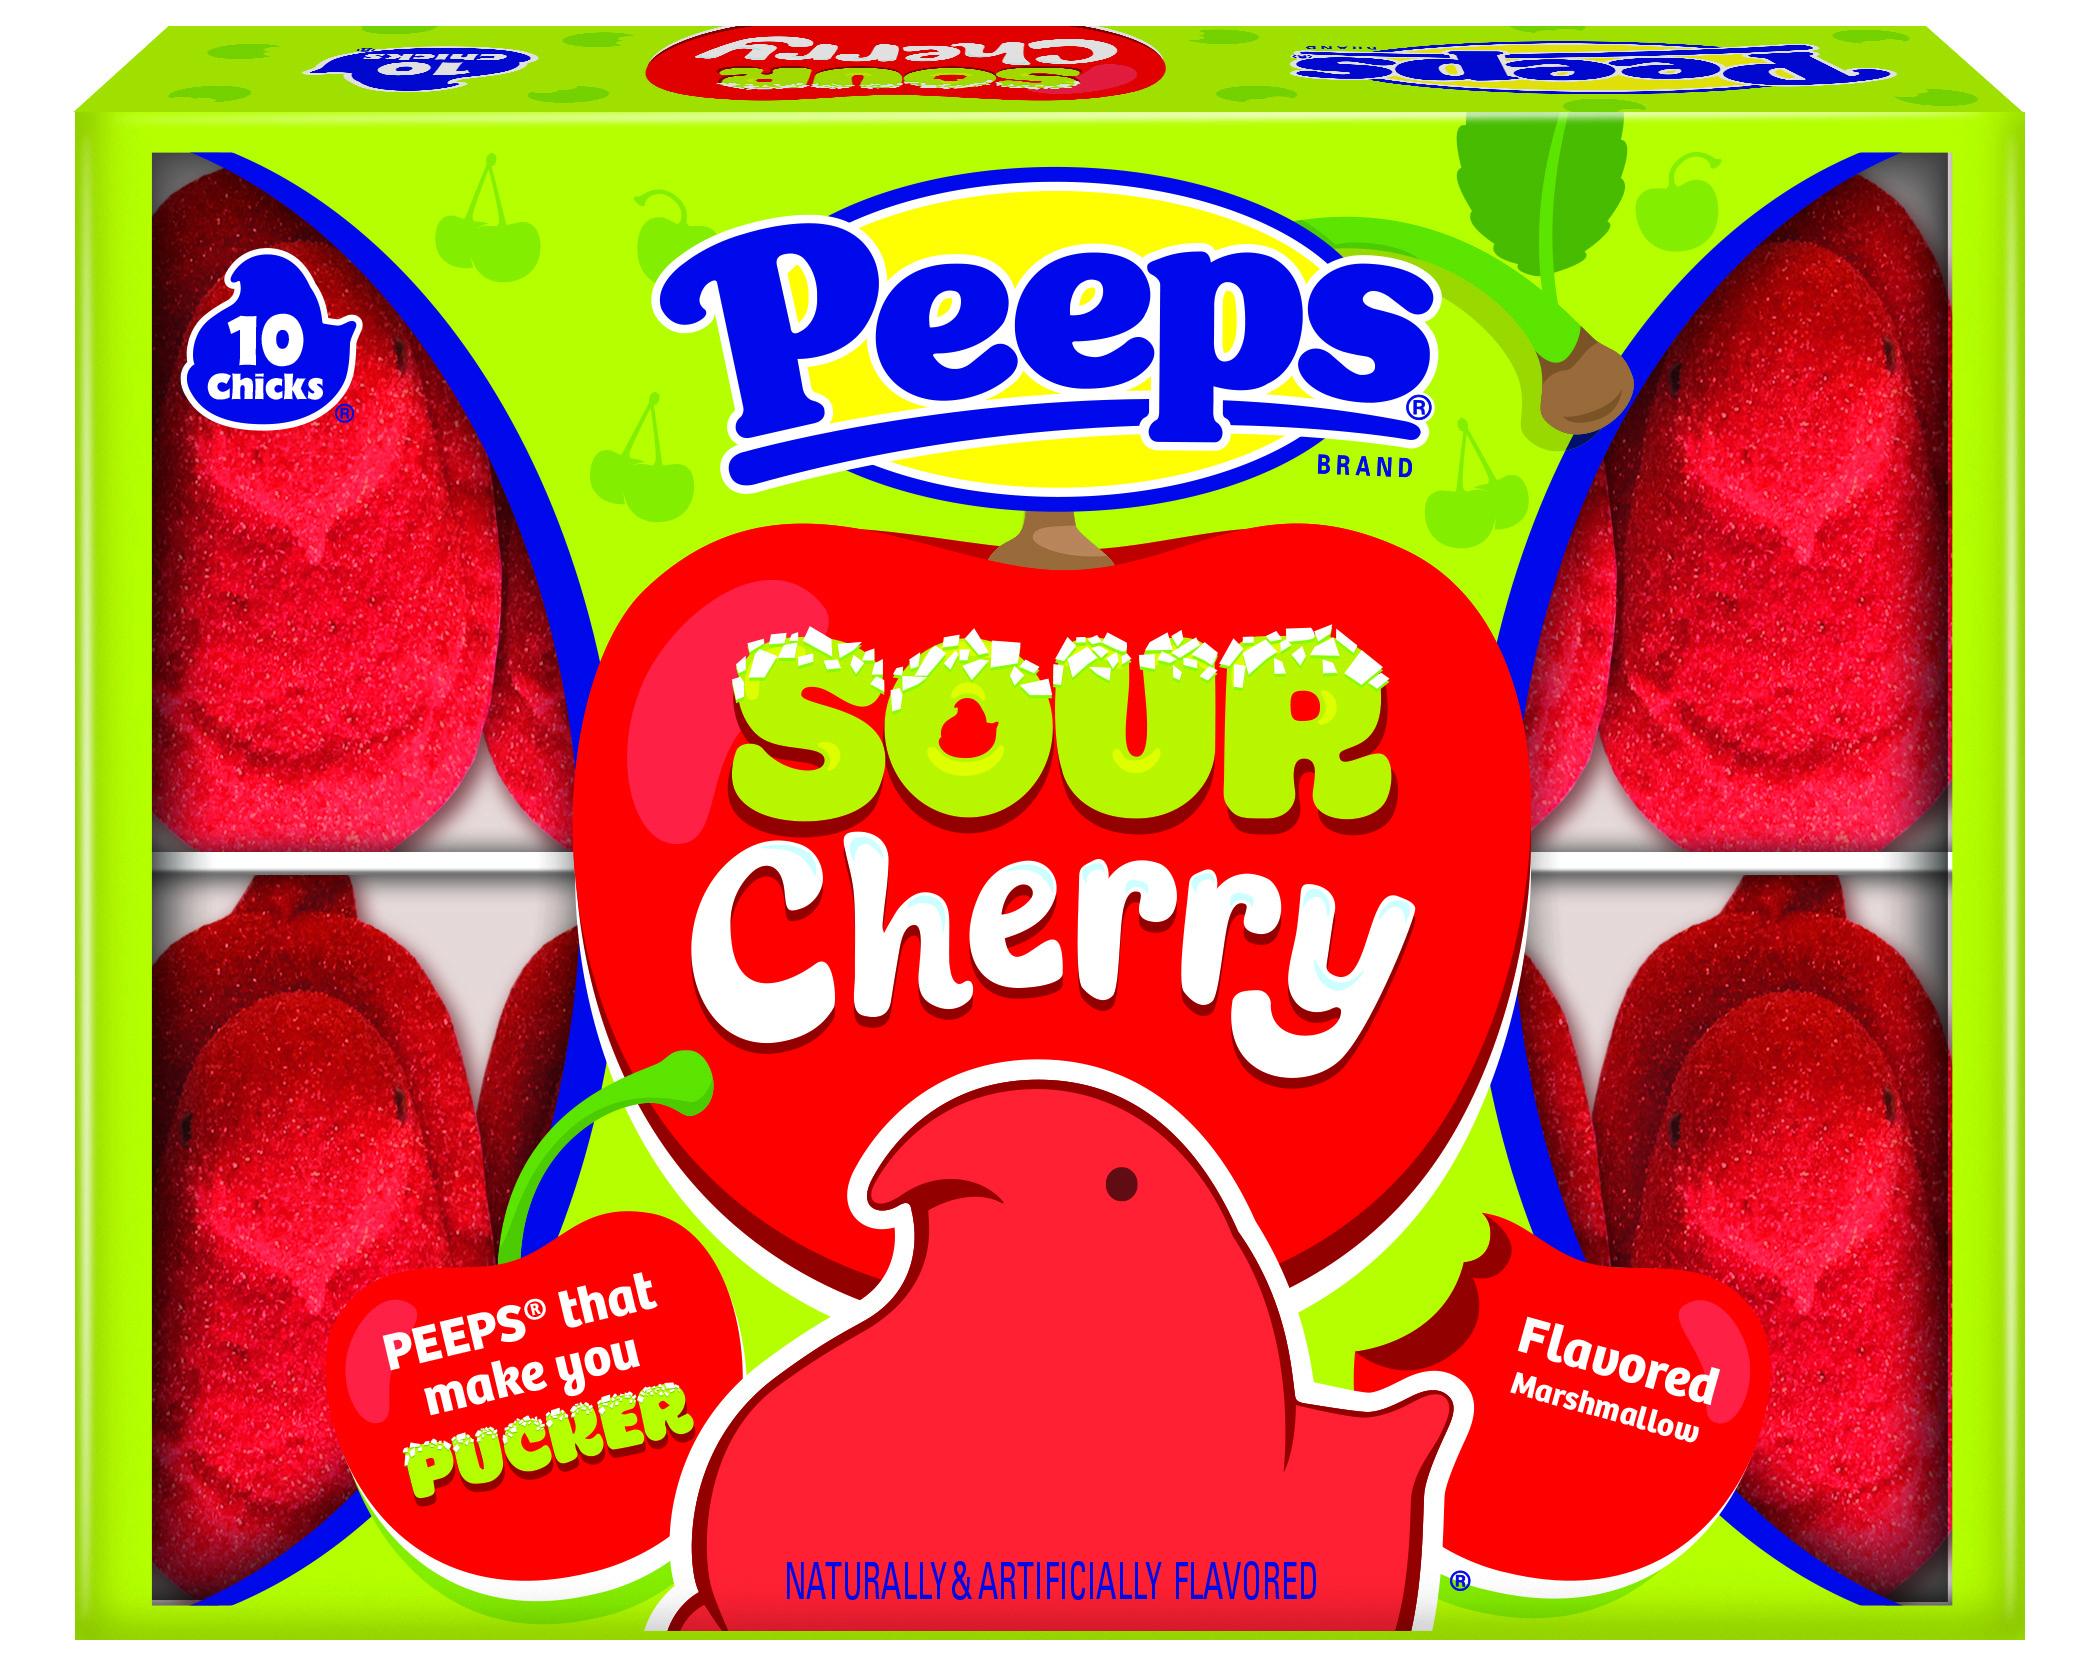 Peeps-new-flavors